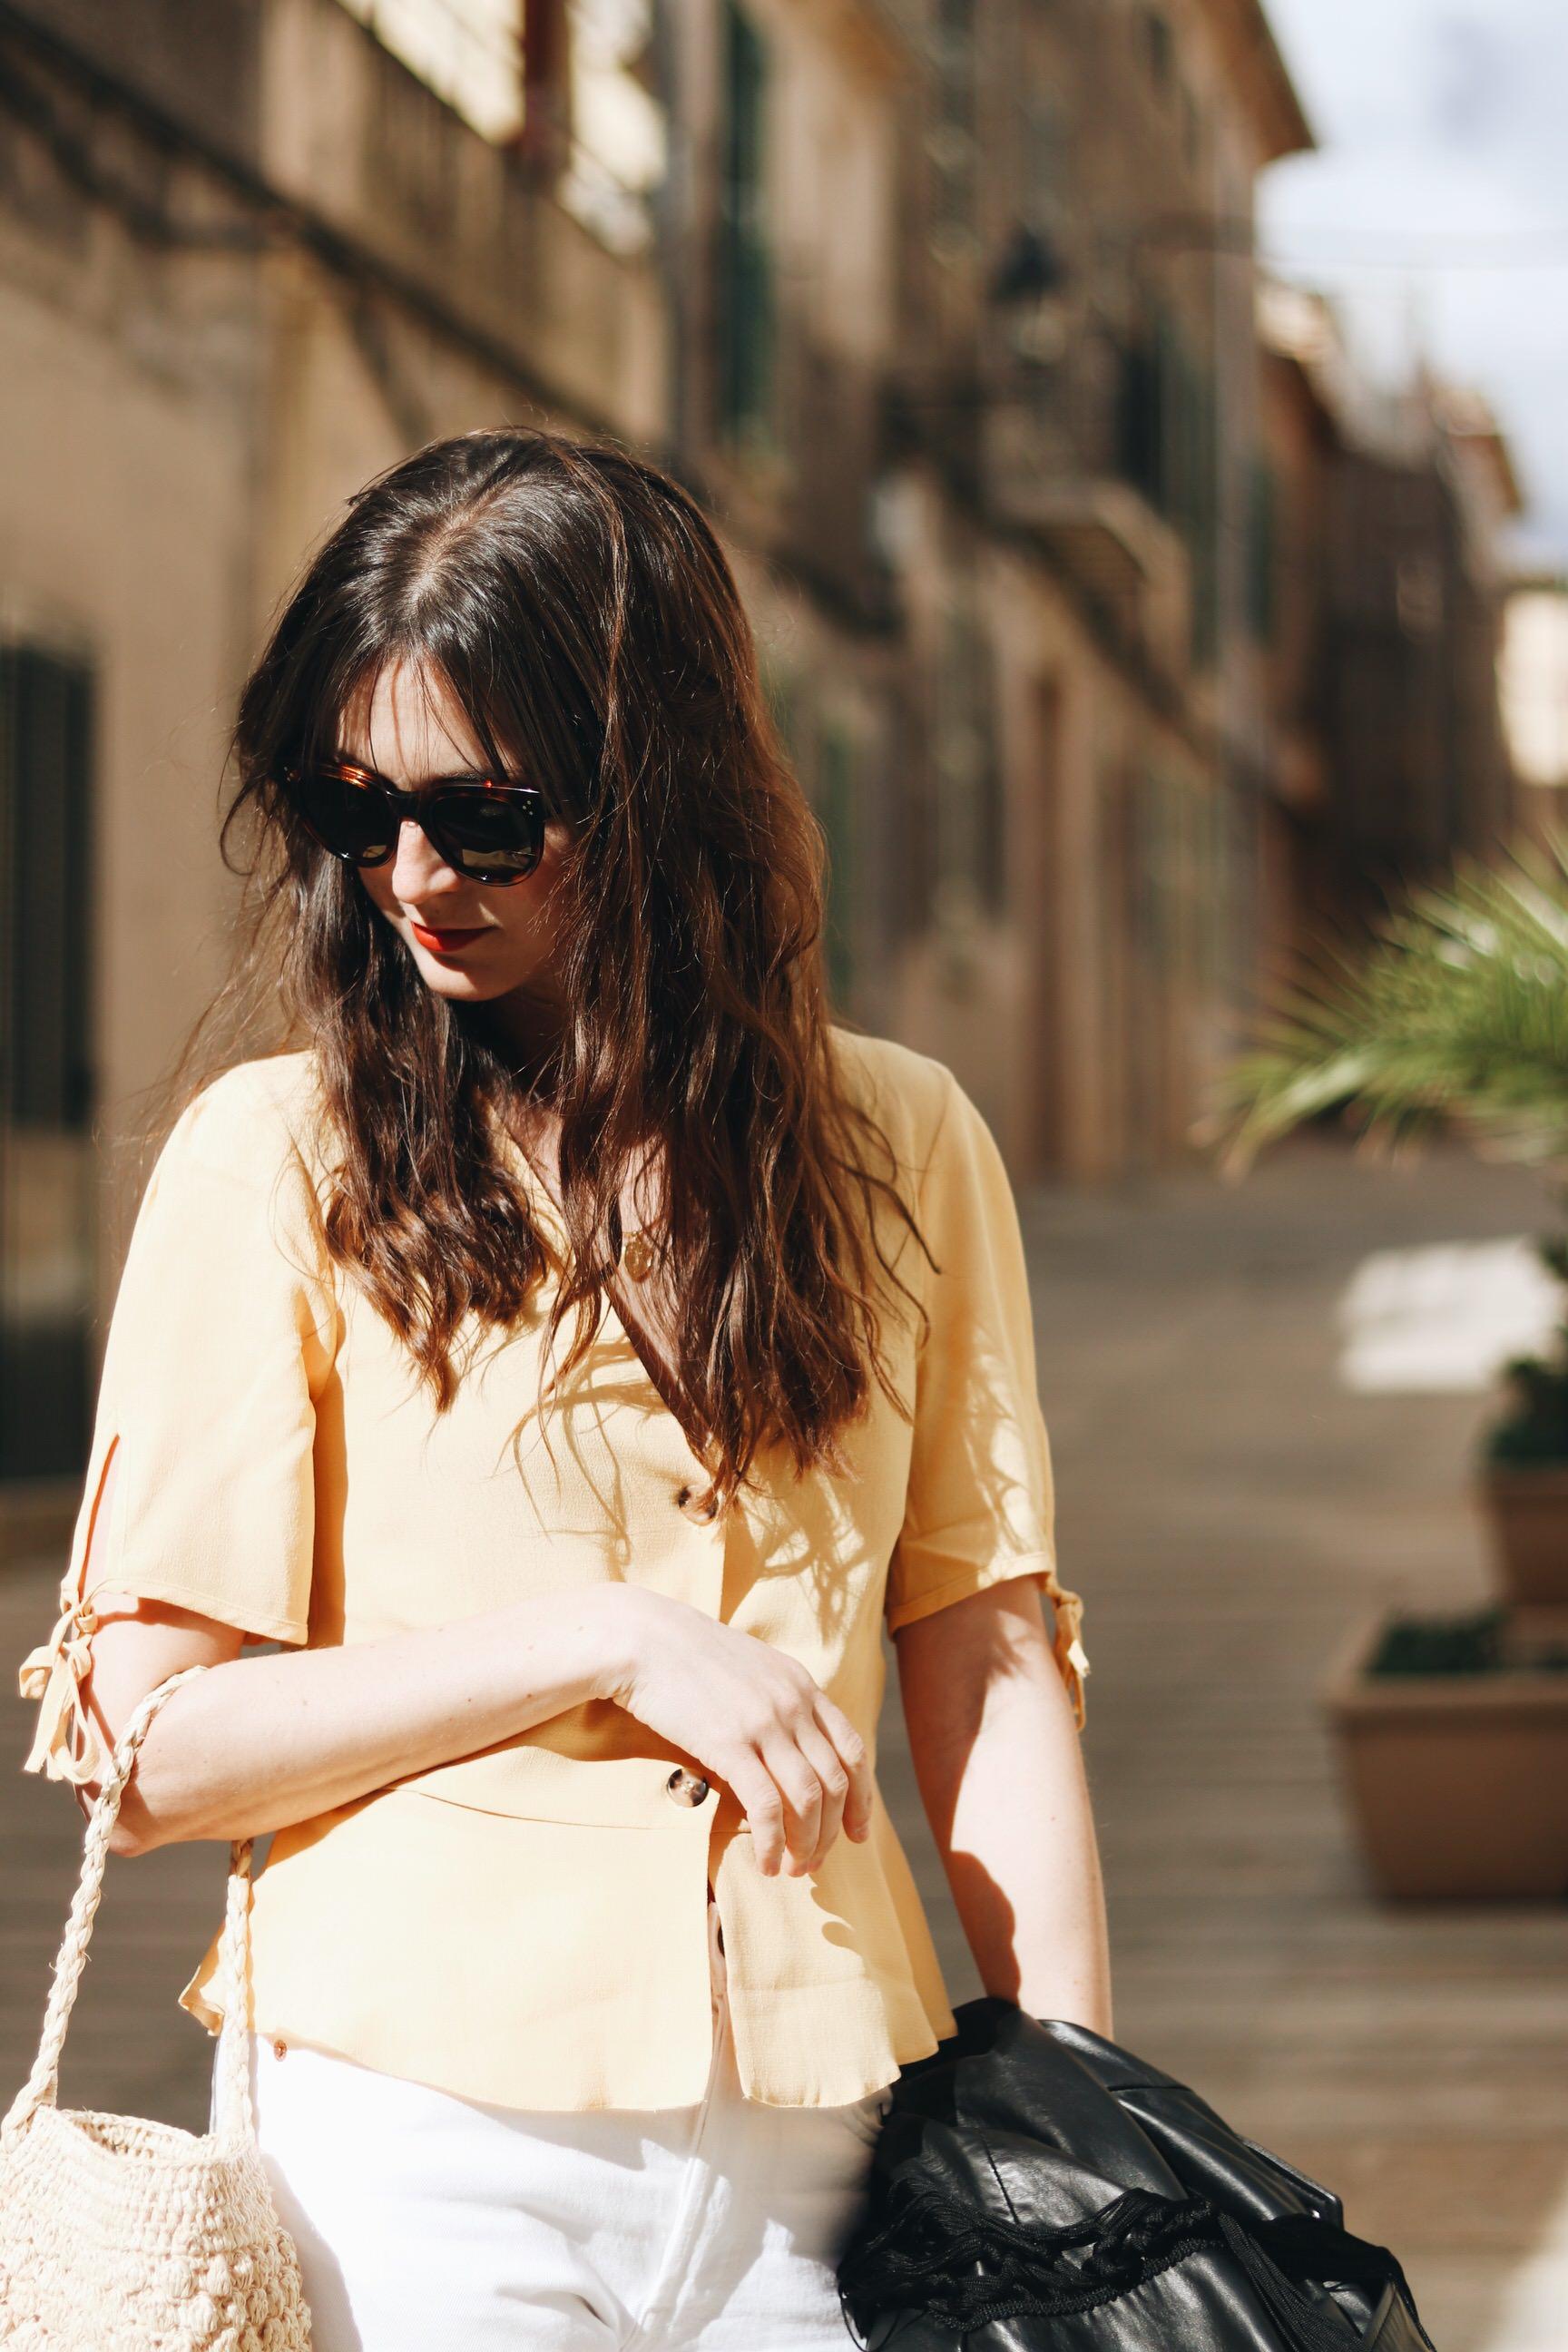 gelbes Oberteil kaufen kombinieren Modebloggerin Outfit Fashionblog